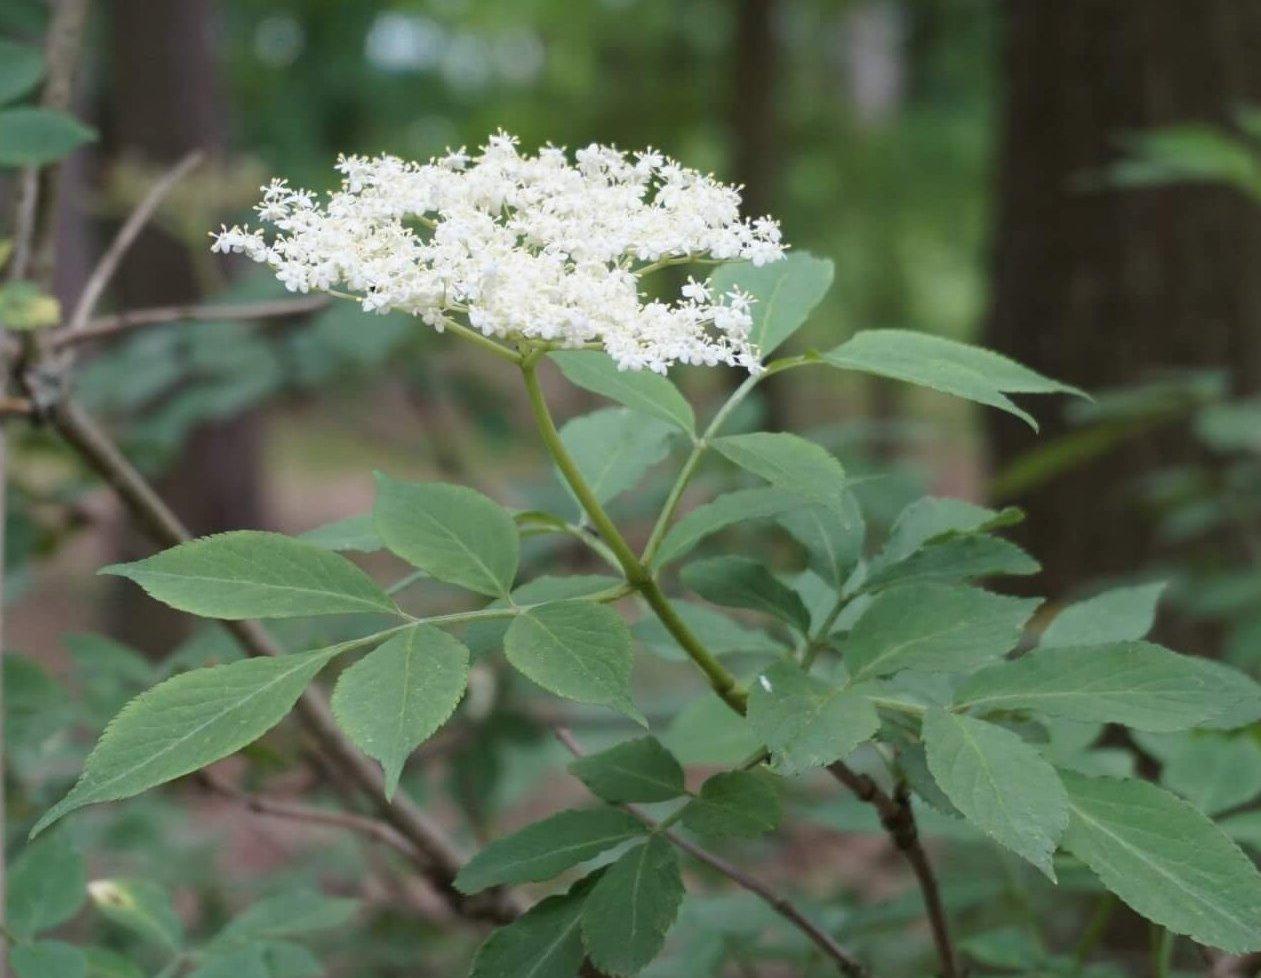 Das Bild zeigt die schirmartige Blütenrispe und die Fiederblätter eine Schwarzen Holunders im Müggelwald.